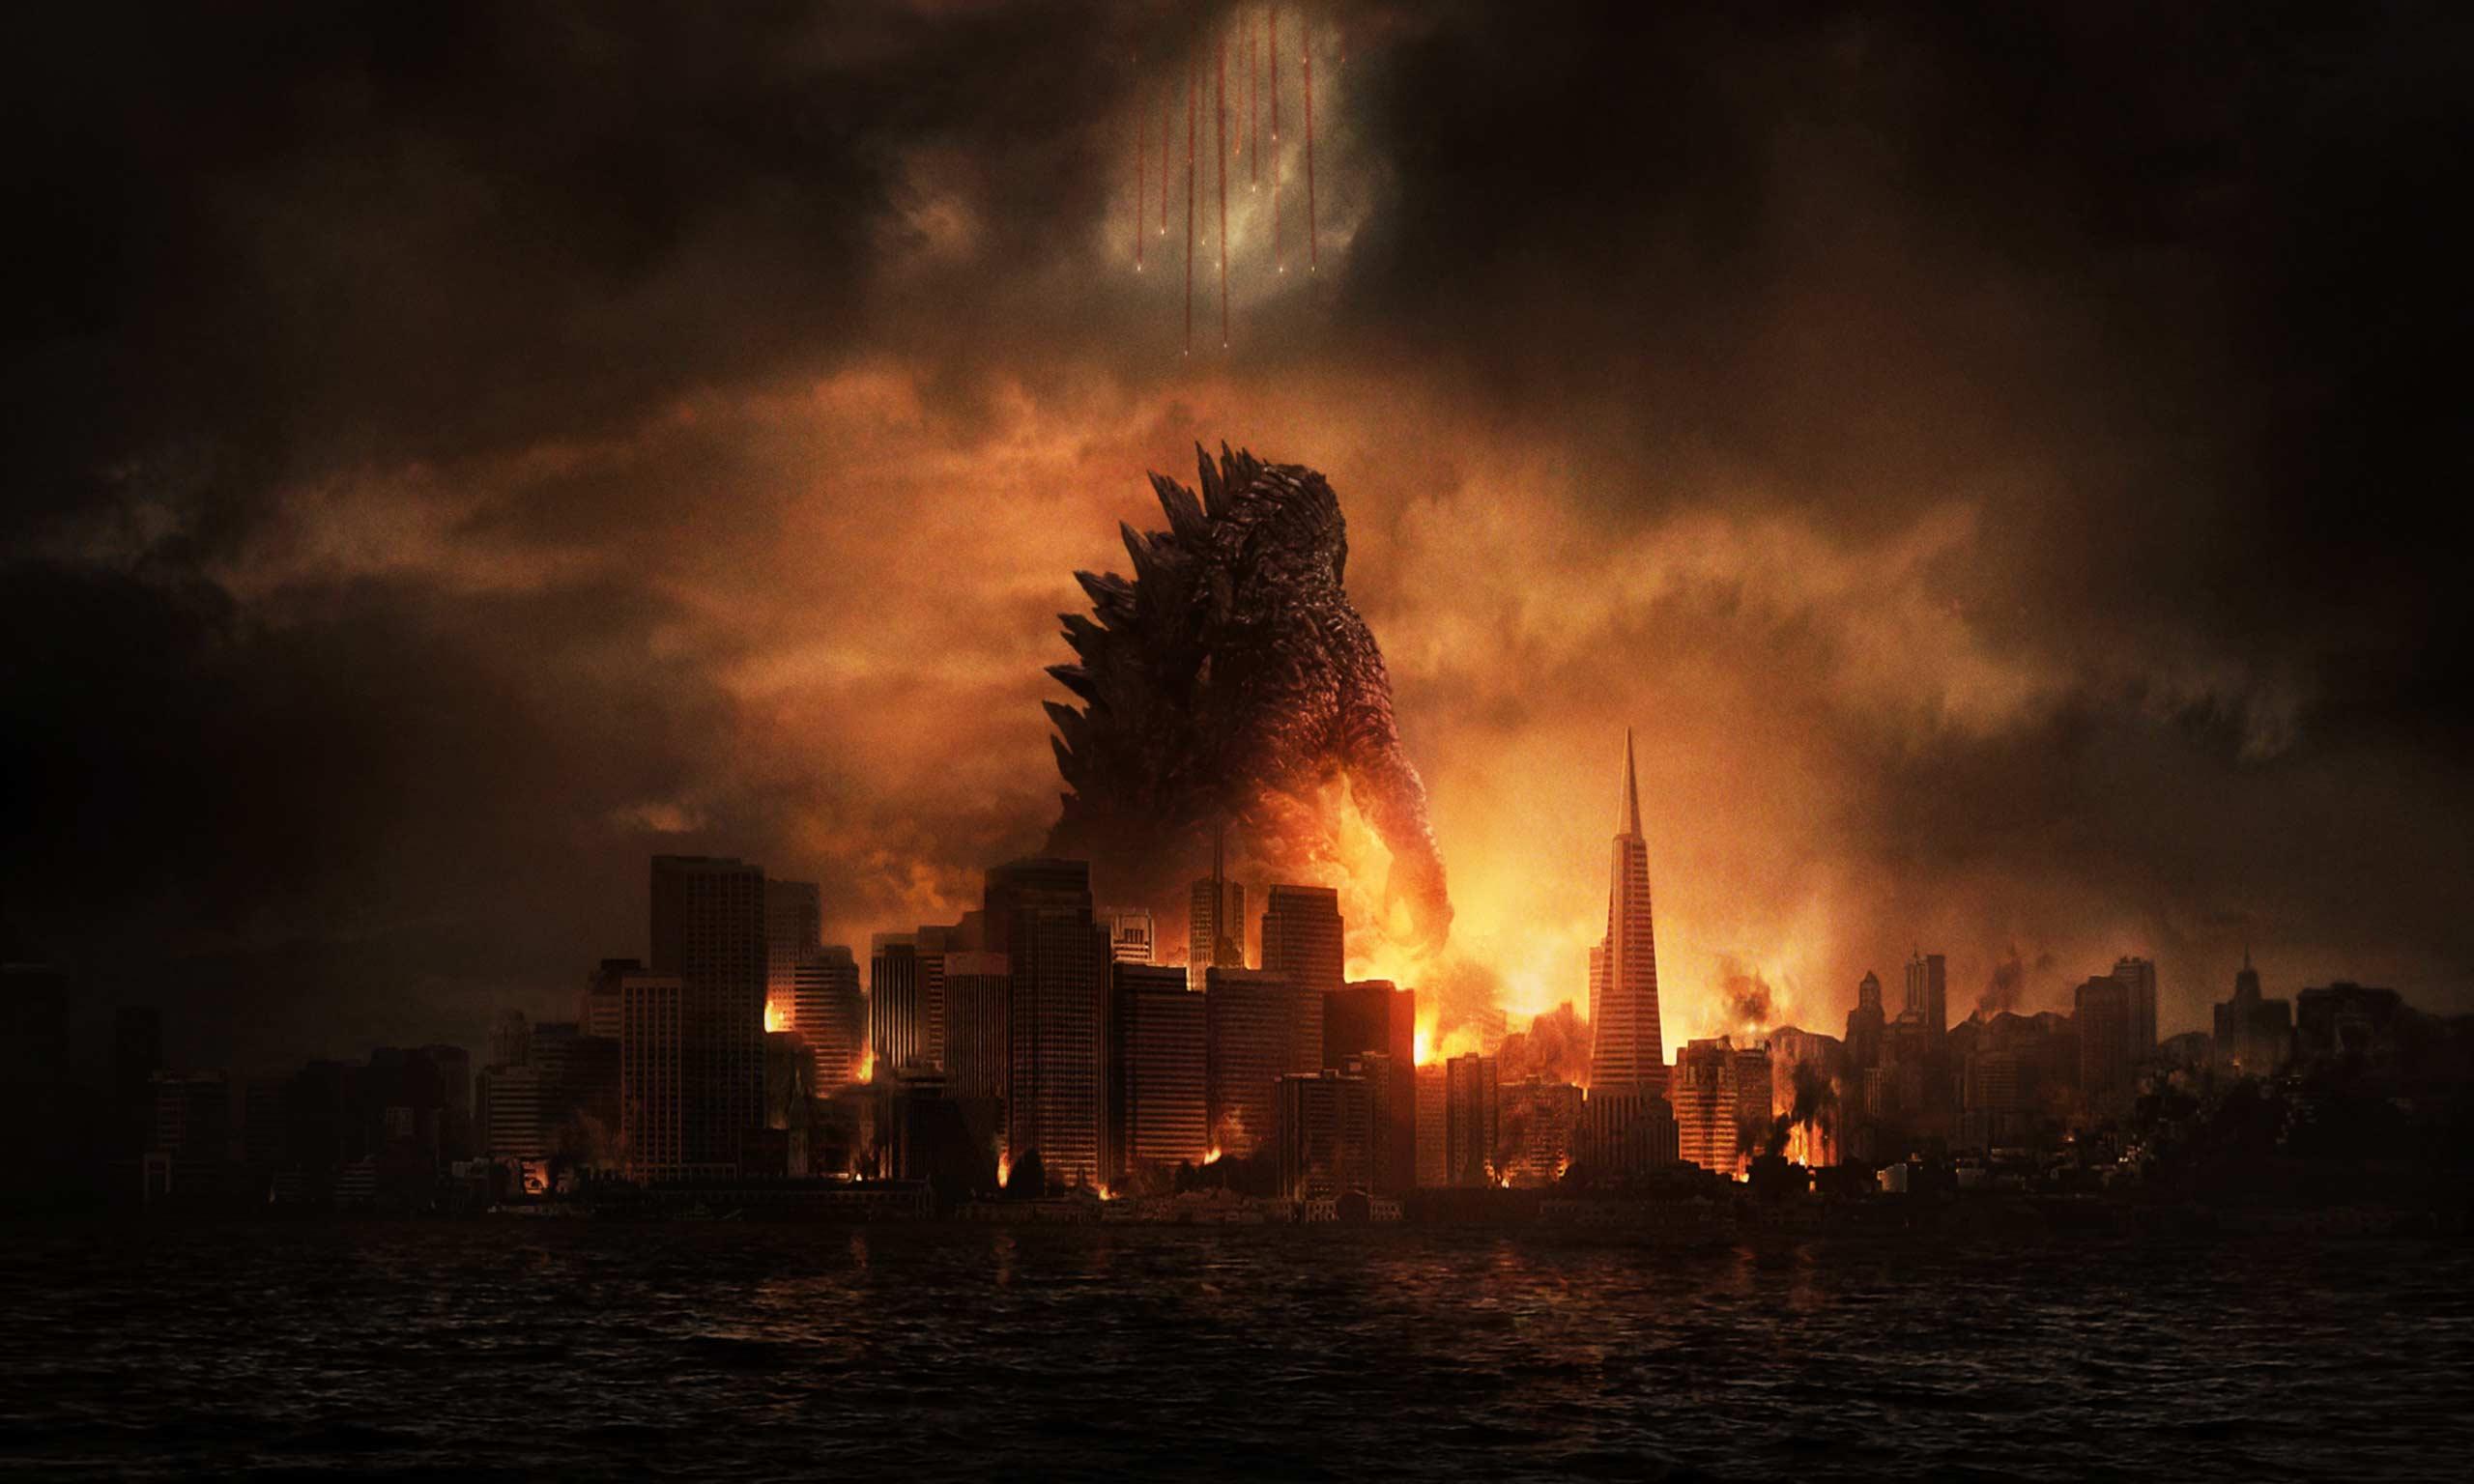 Godzilla Wallpaper Hd 1920x1080 42 Godzilla 2014 Fonds D 233 Cran Hd Arri 232 Re Plans